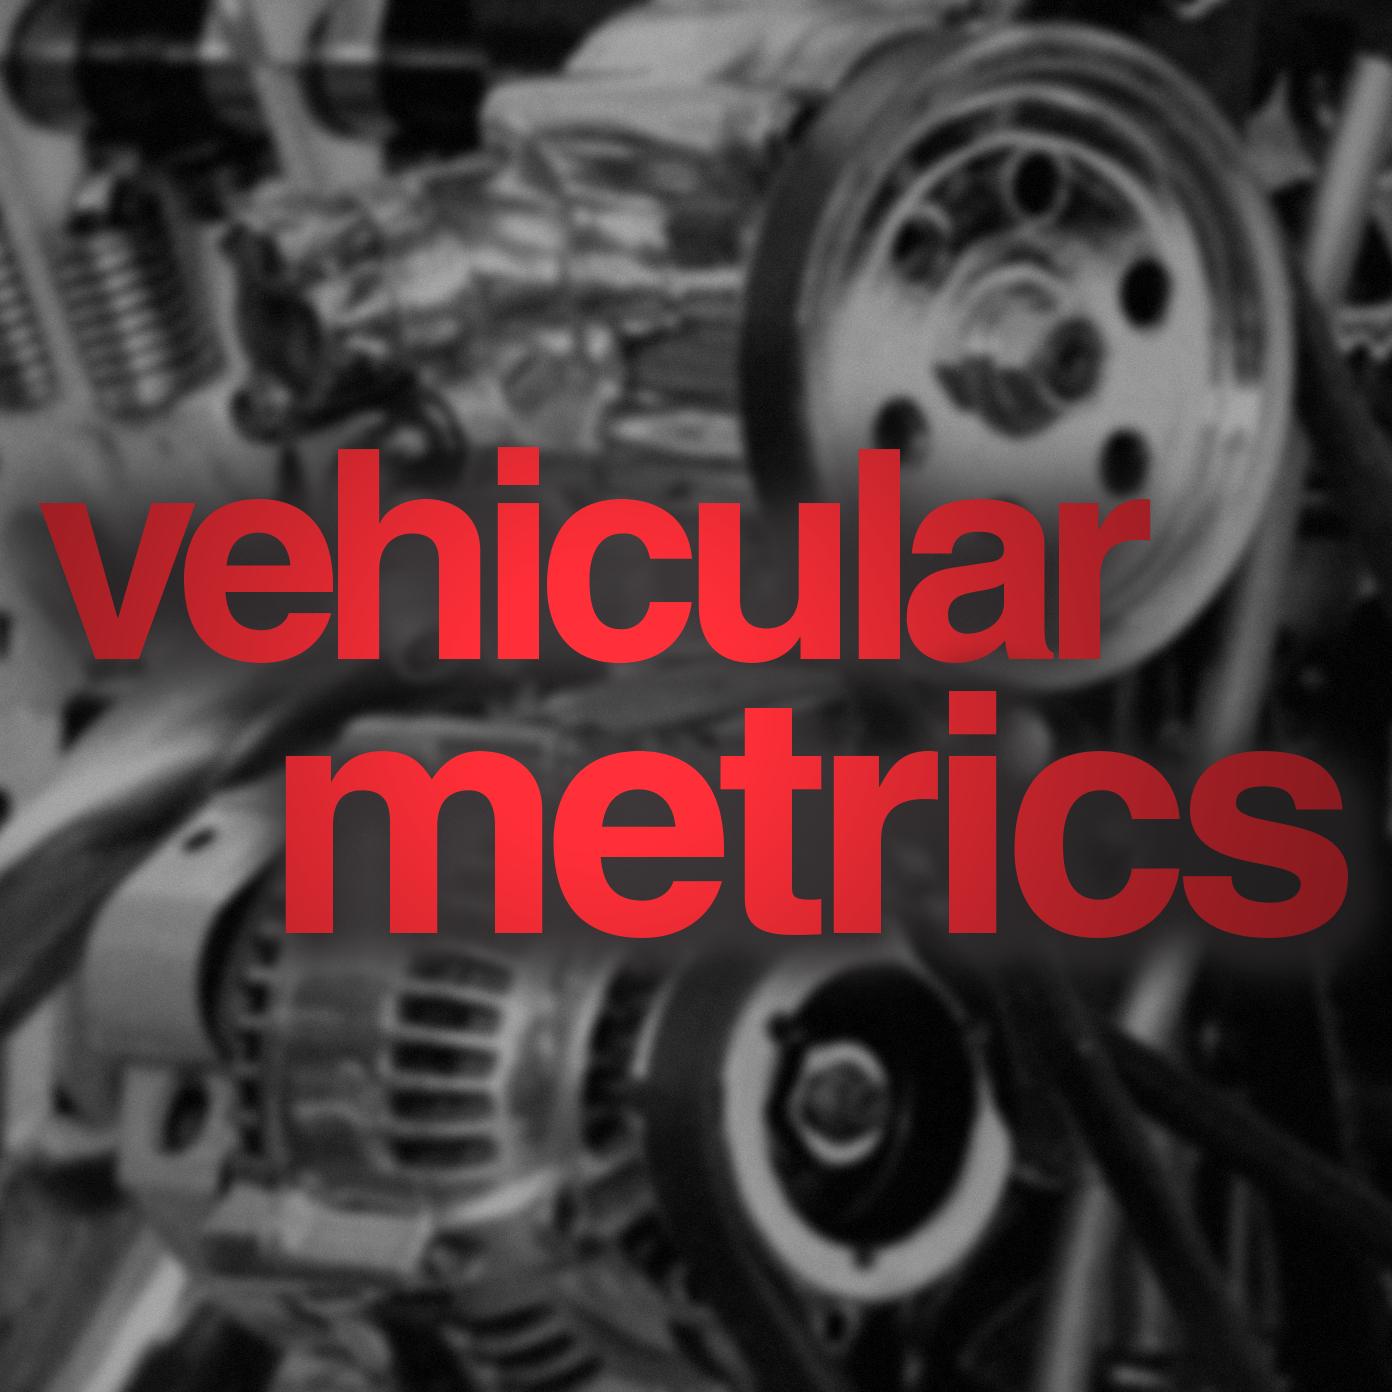 vehicular metrics.png